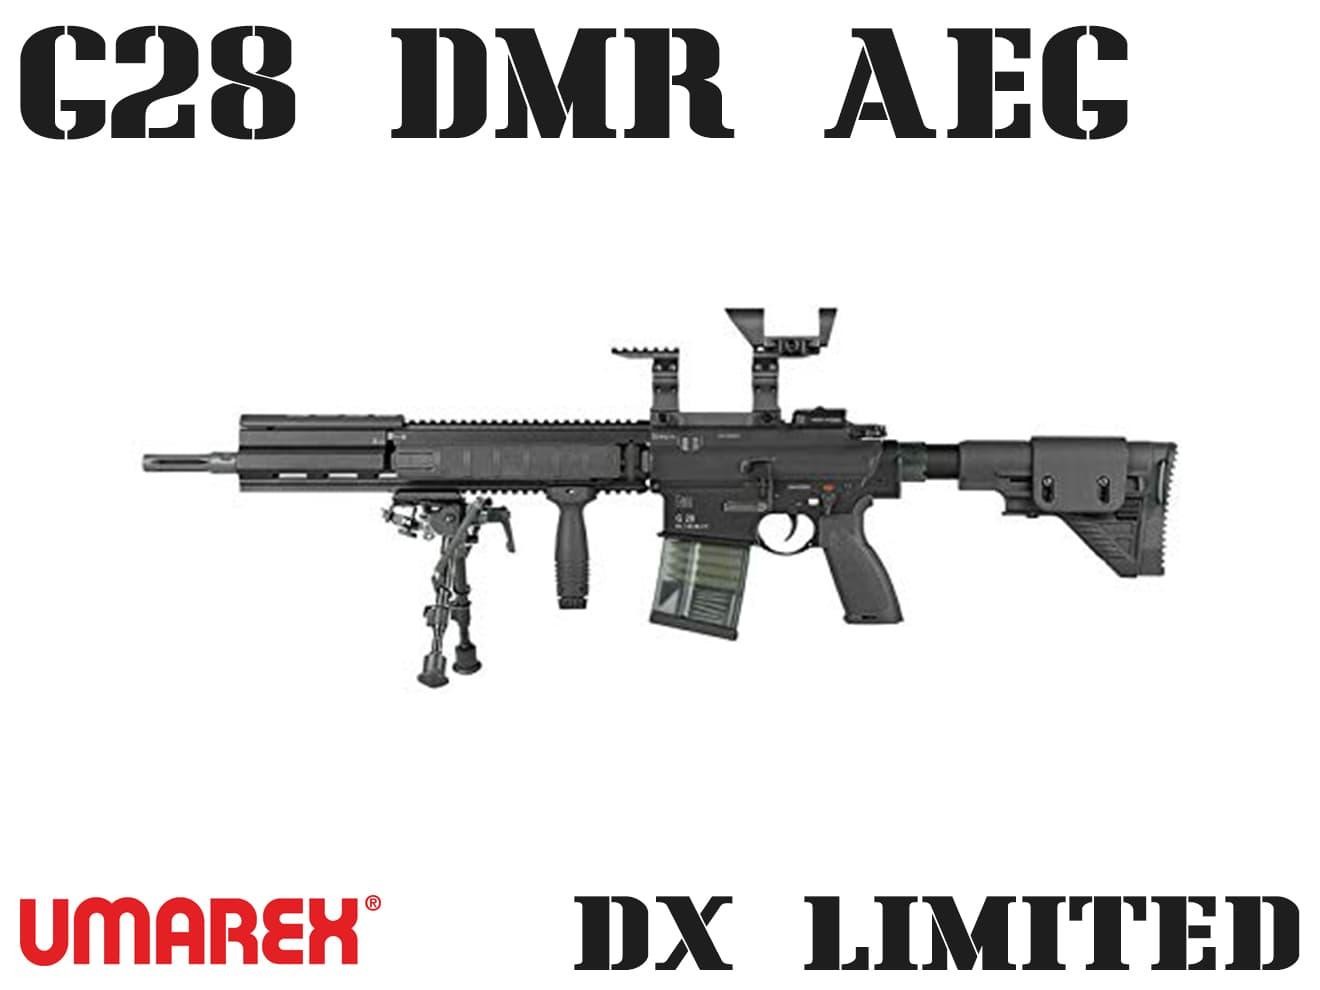 【送料無料】Umarex G28 DMR AEG BLACK ガンケース付 DX Limited◆限定品/18歳以上対象/専用ケース付属/H&K/大型ライフル/海外製電動ガン